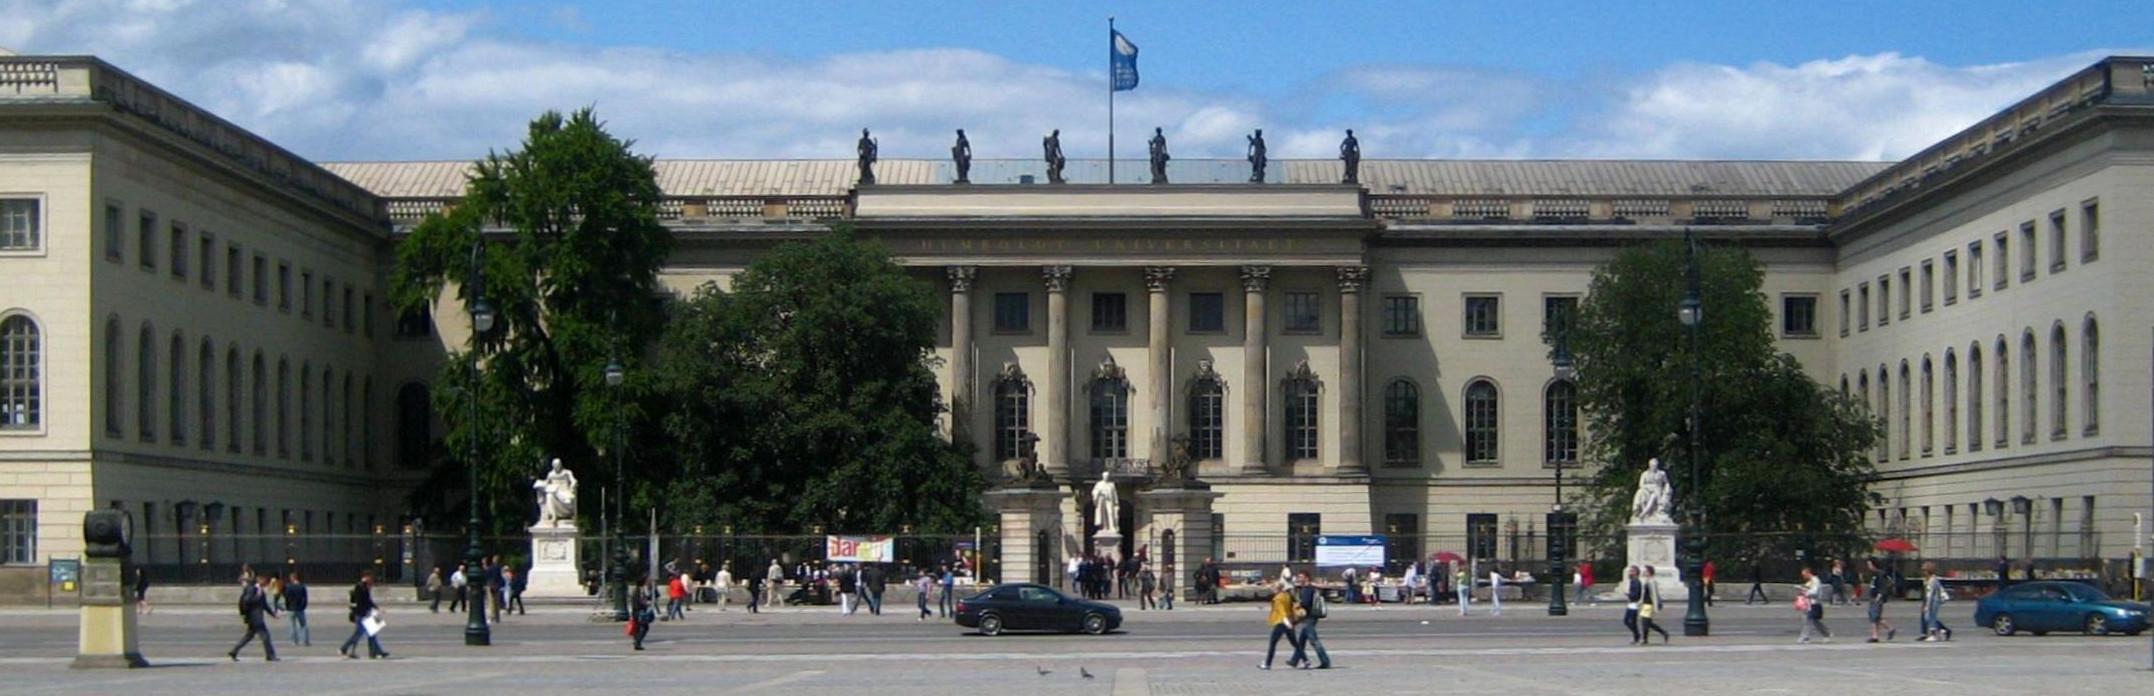 Berlin,_Mitte,_Unter_den_Linden,_Hauptgebäude_der_Humboldt-Universität_02